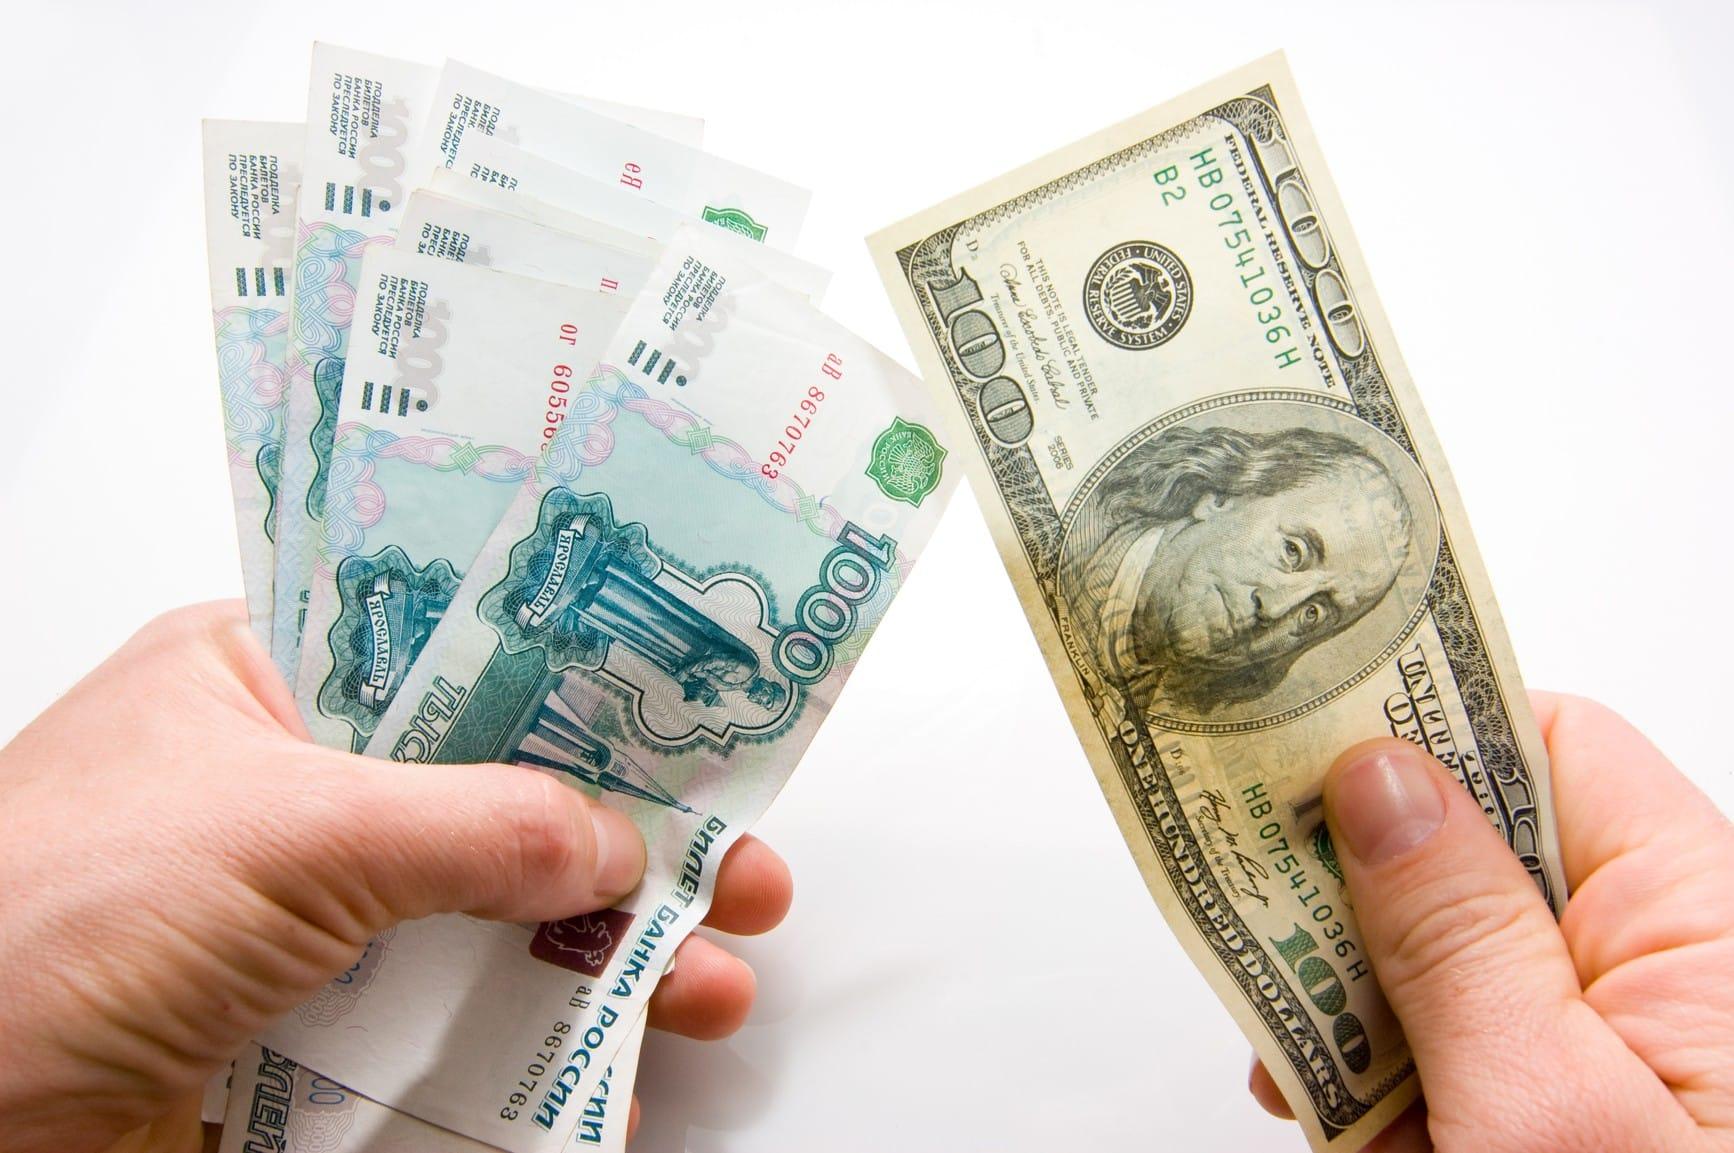 Декабрьские колебания курса доллара уже просчитаны экспертами